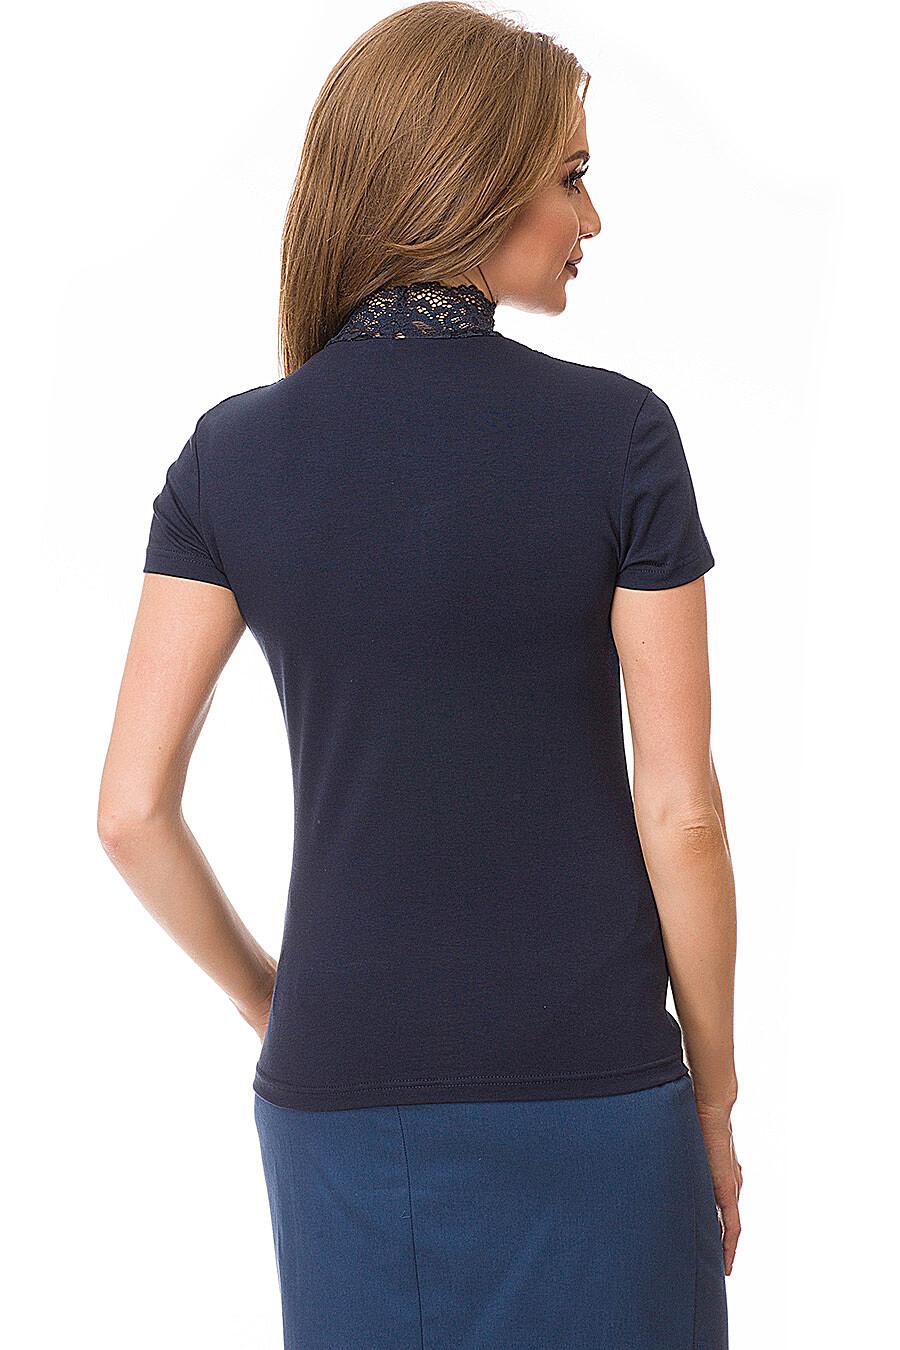 Блузка FOUR STYLES (119753), купить в Moyo.moda